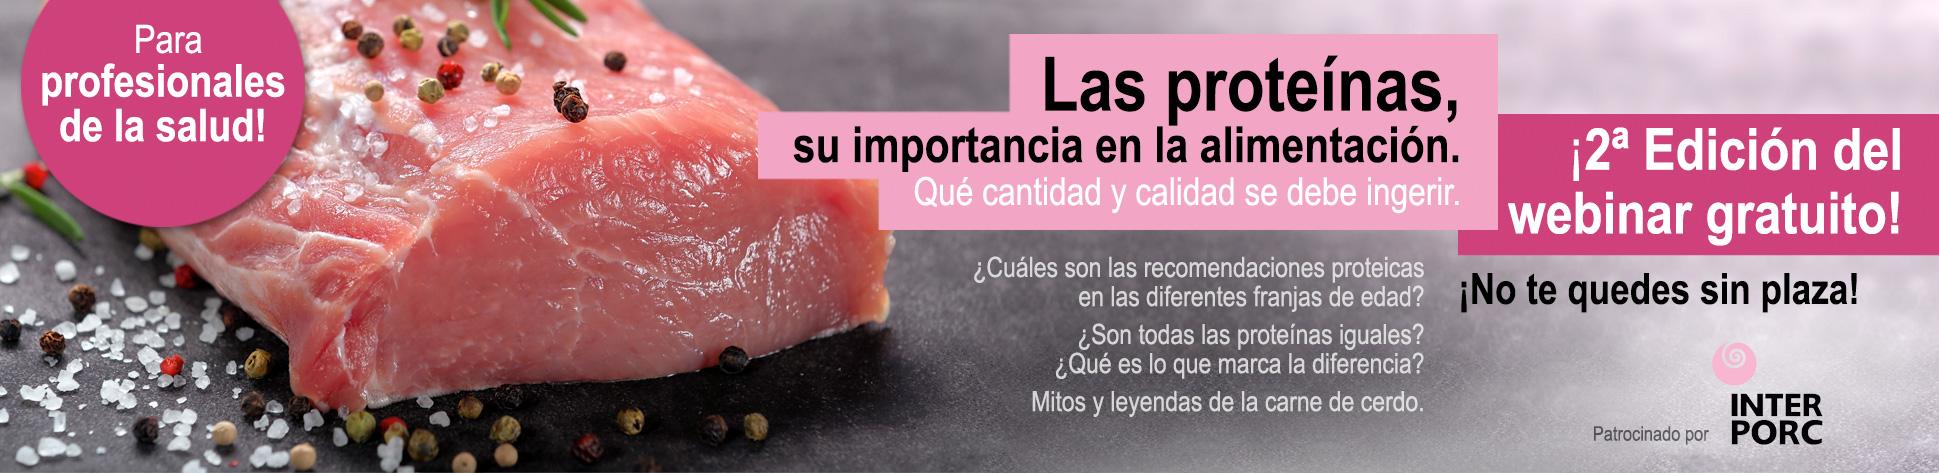 Las proteínas, su importancia en la alimentación